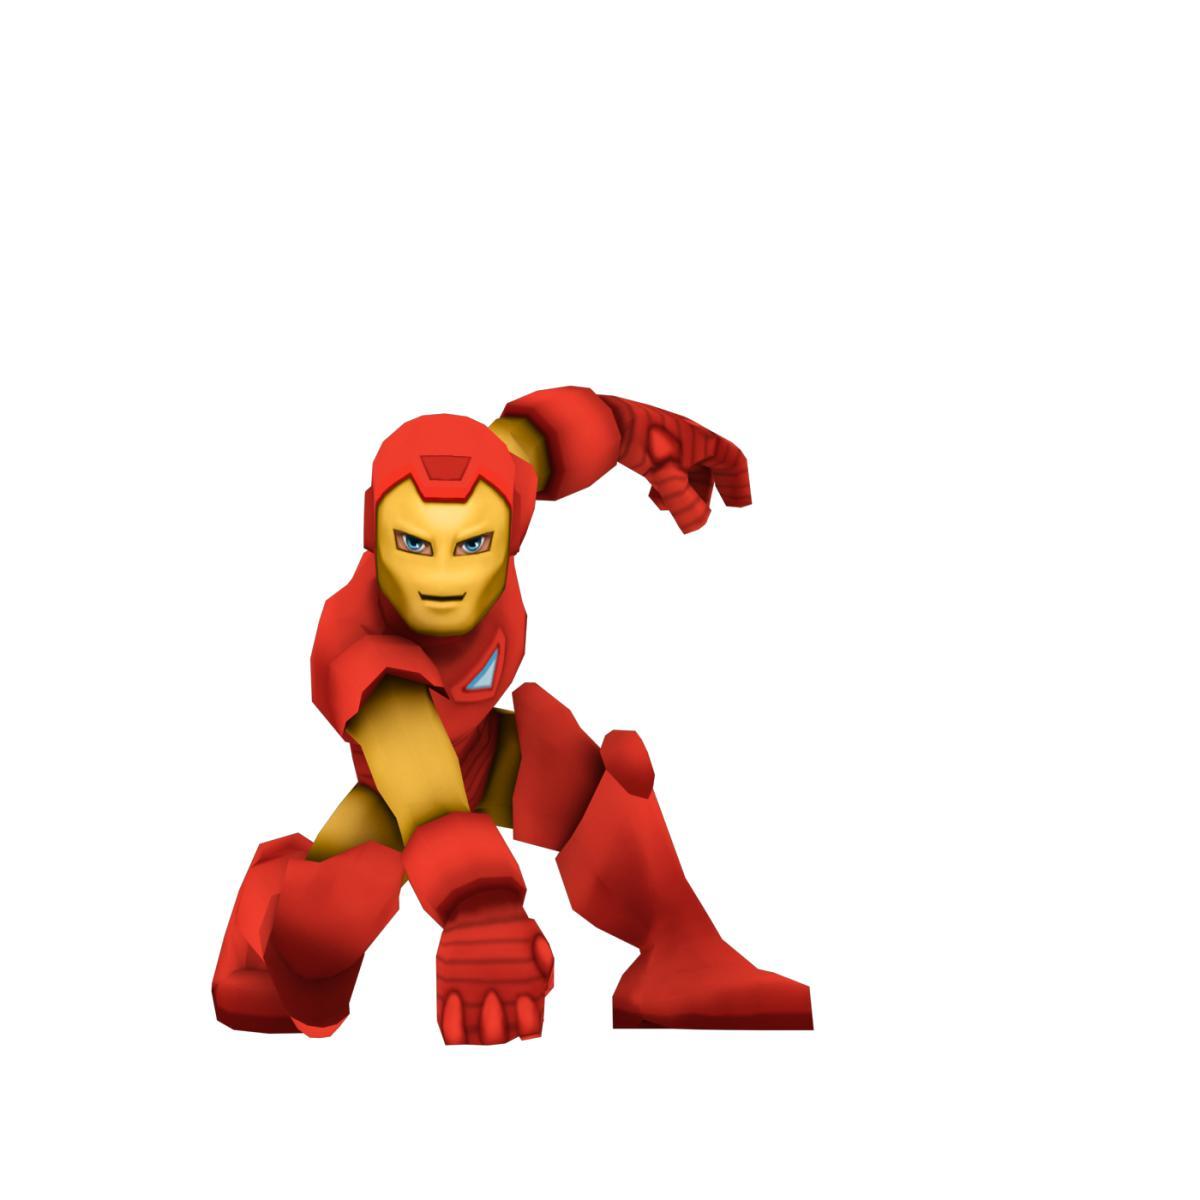 Klicke auf die Grafik für eine größere AnsichtName:ProSiebenSat.1 Digital_SHSO_Iron Man.jpgHits:177Größe:47,1 KBID:4904